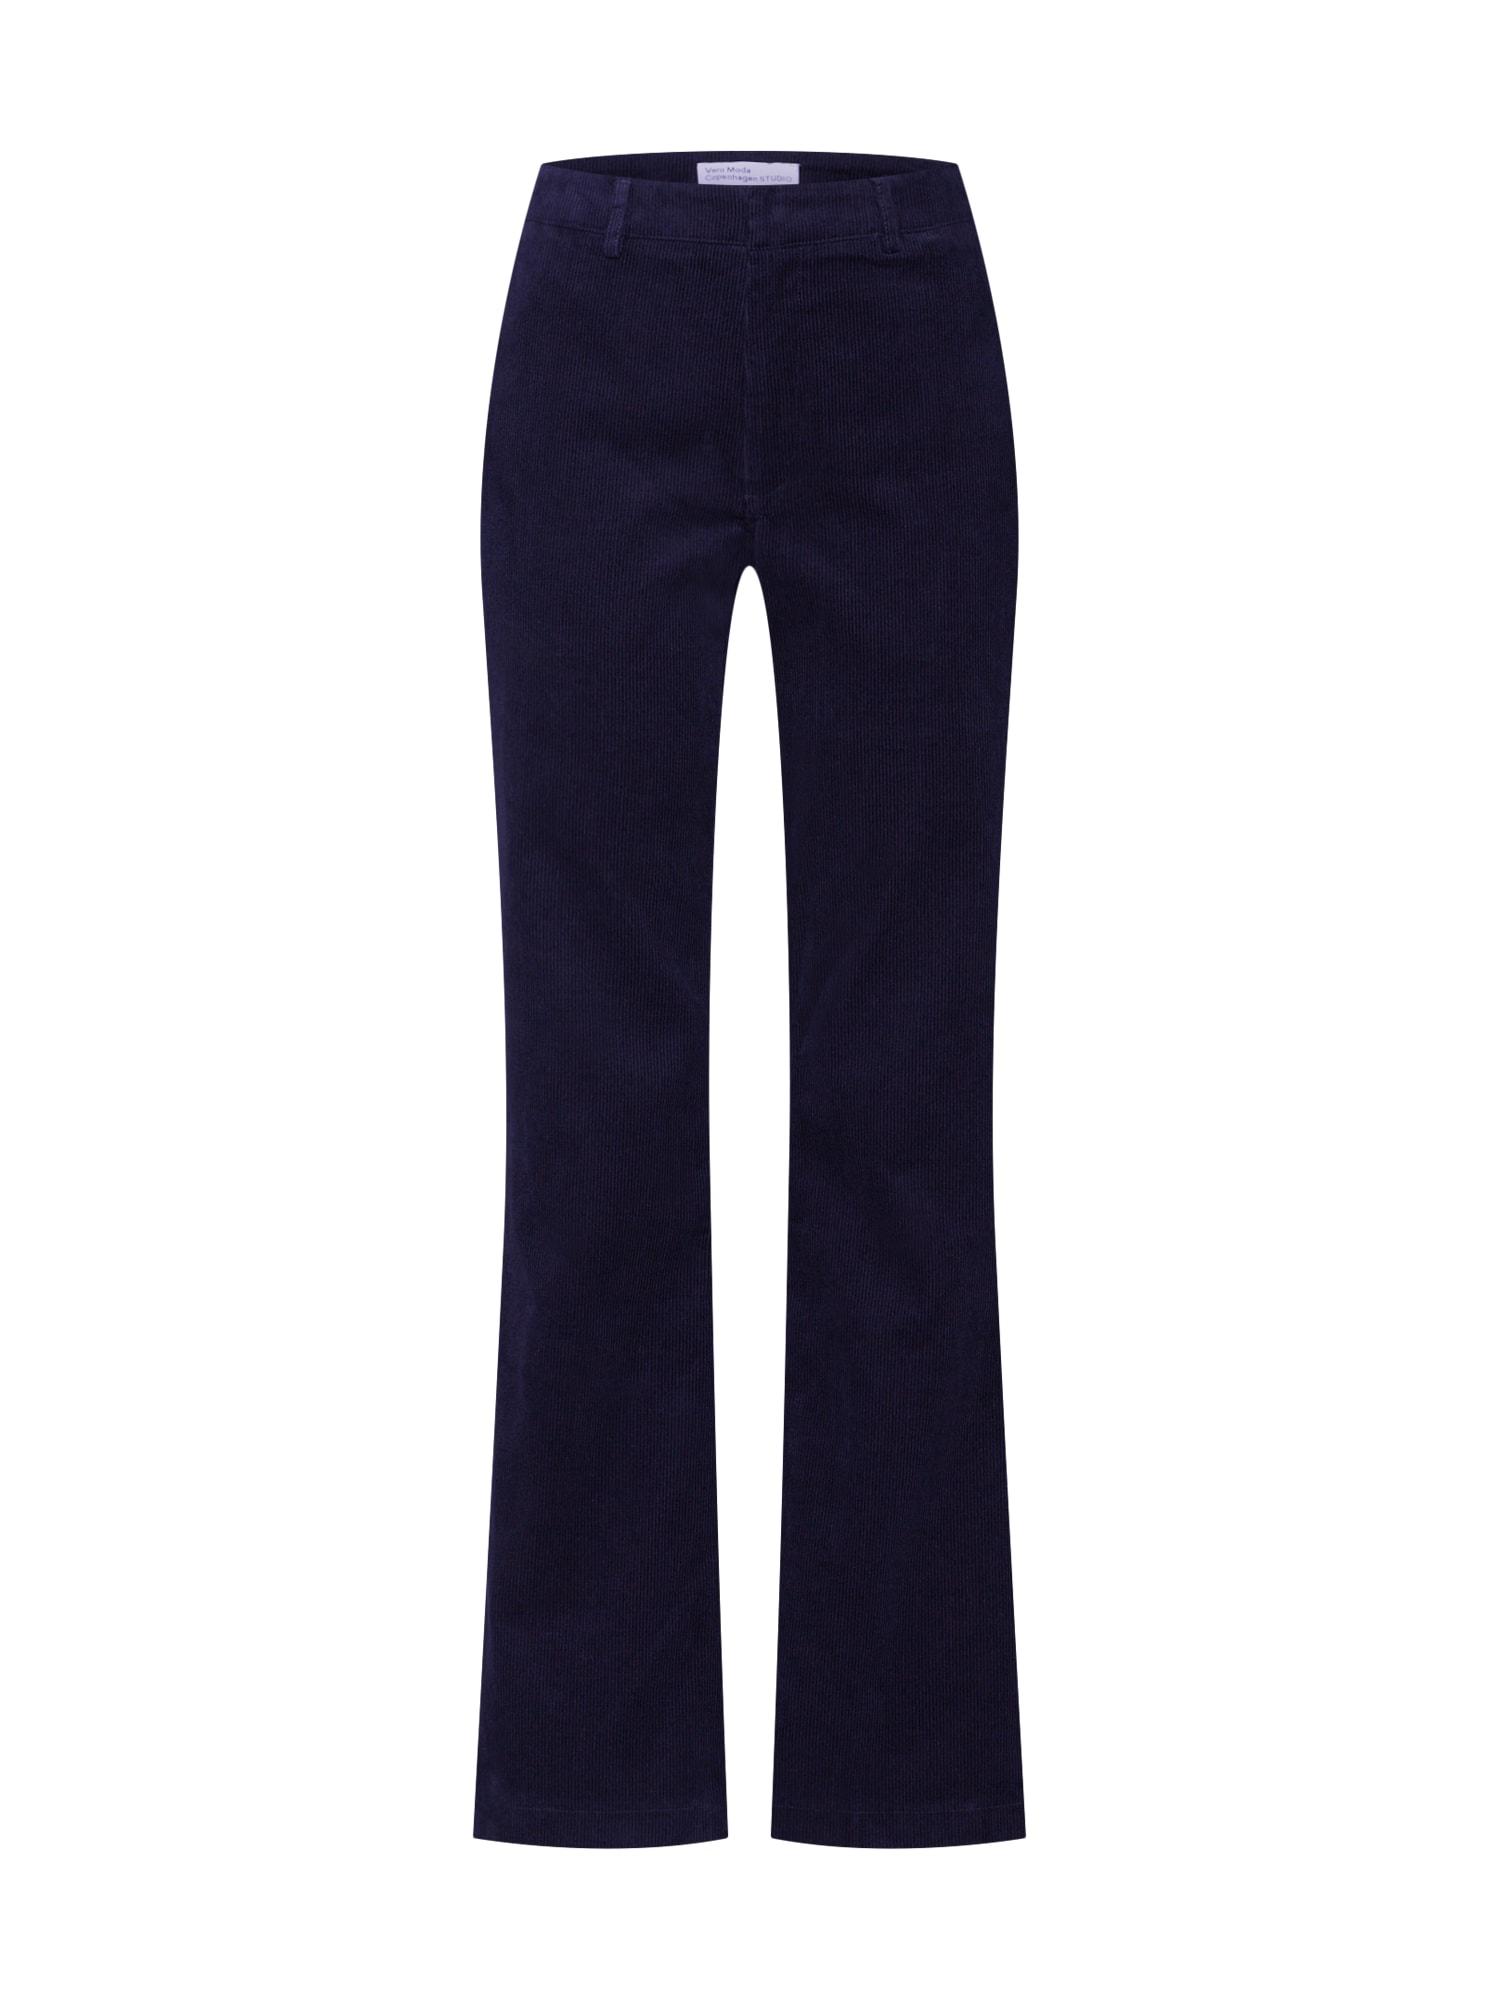 Vero Moda Copenhagen STUDIO Kalhoty 'SINA'  noční modrá